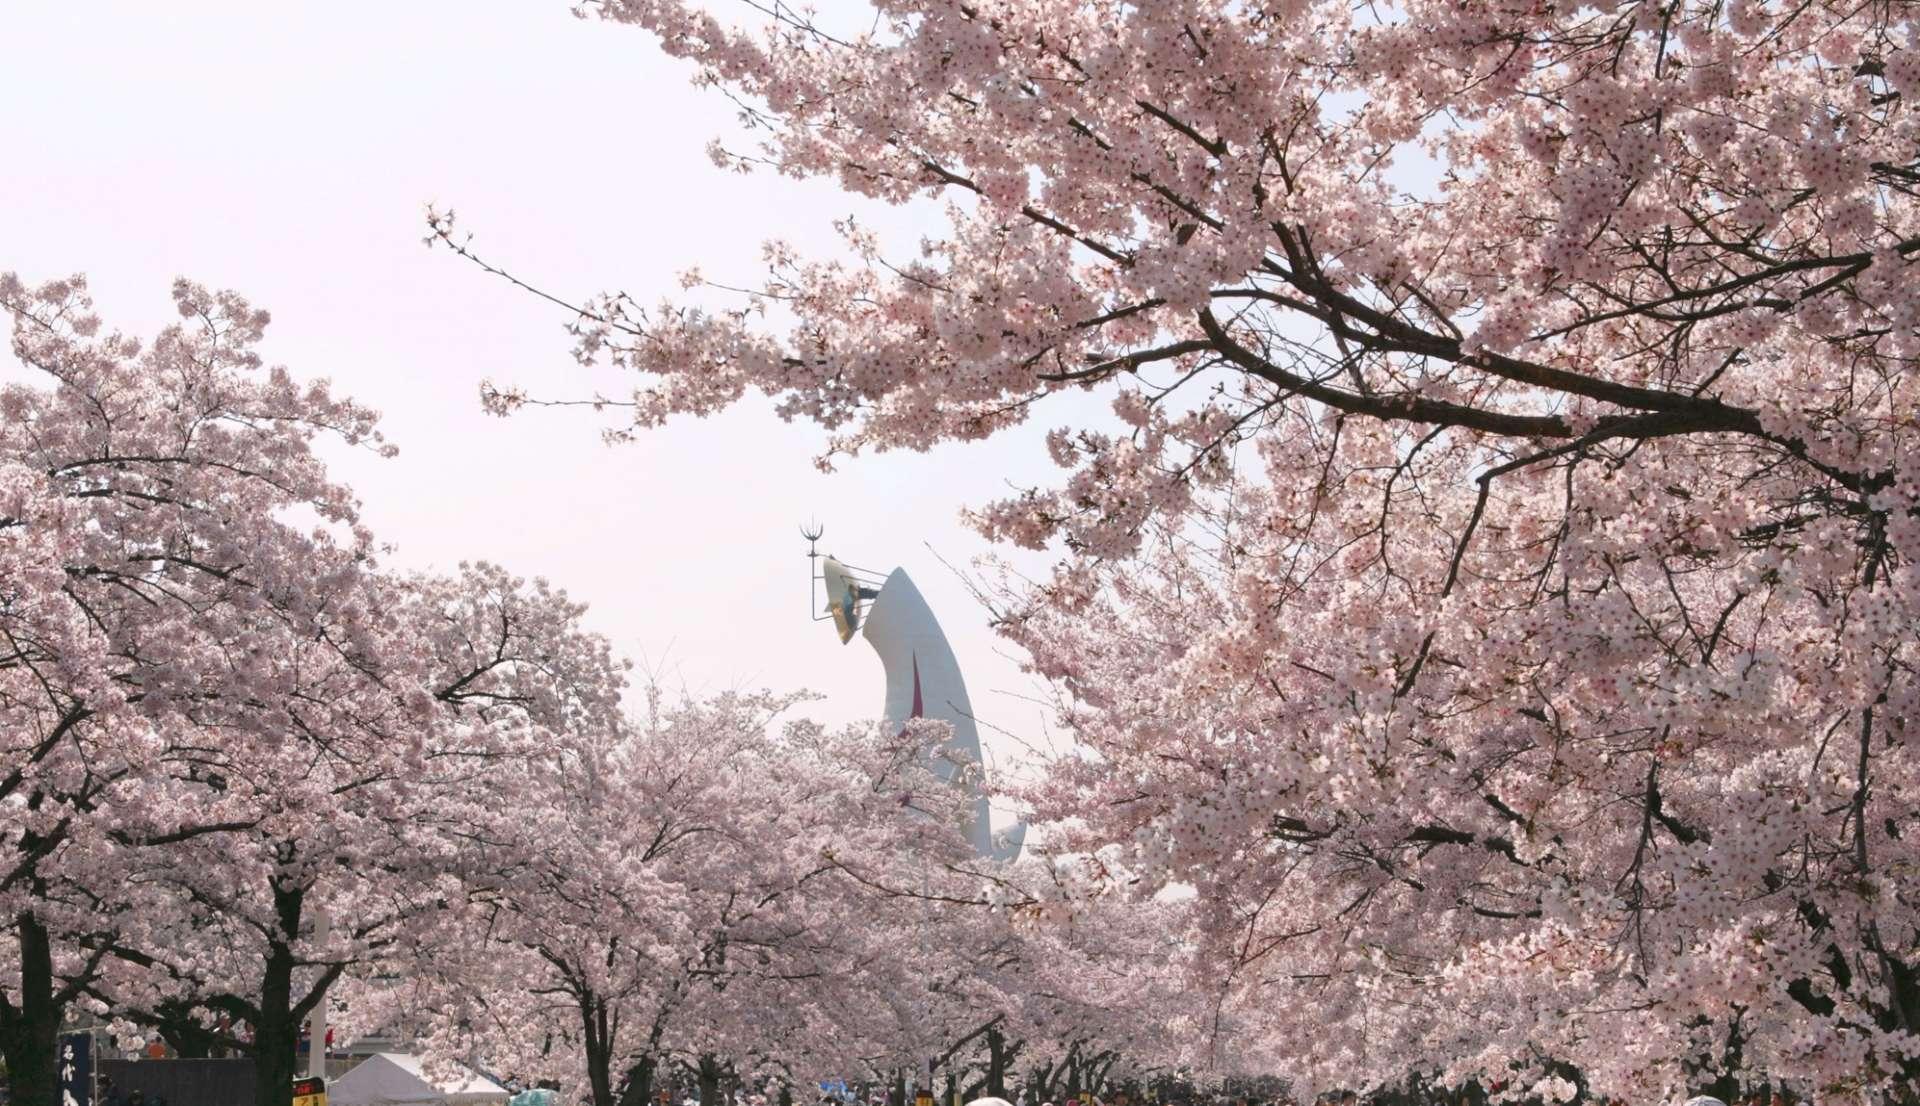 在盛開的櫻花中看見太陽之塔